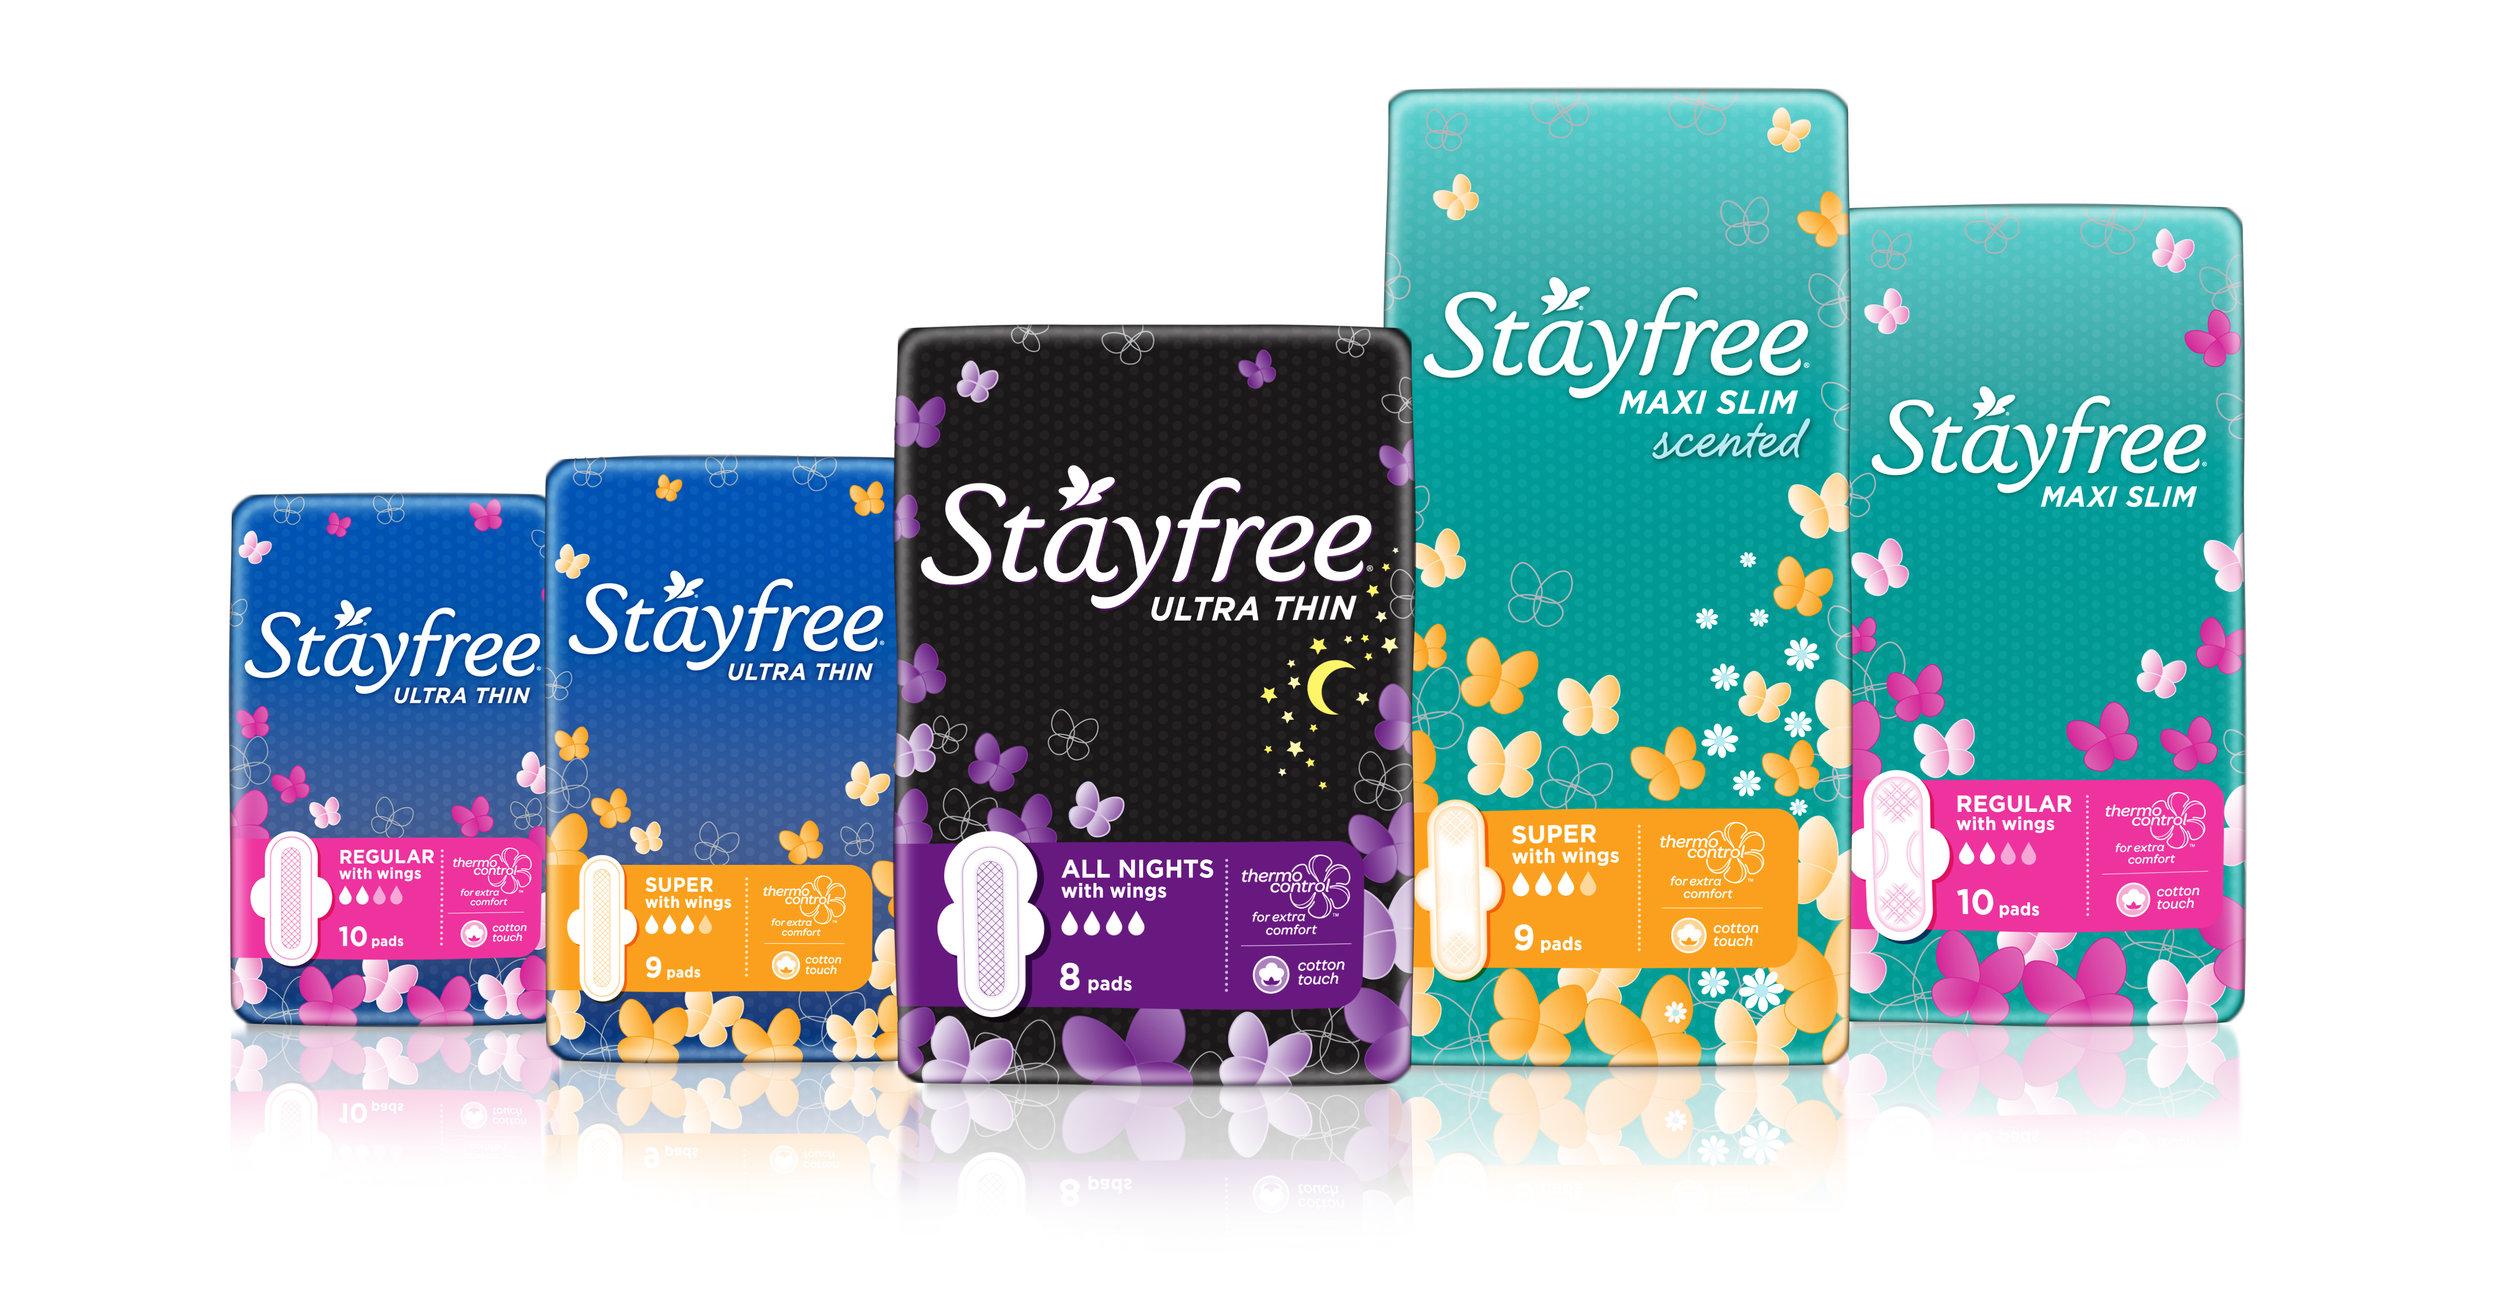 Stayfree — kassana and company